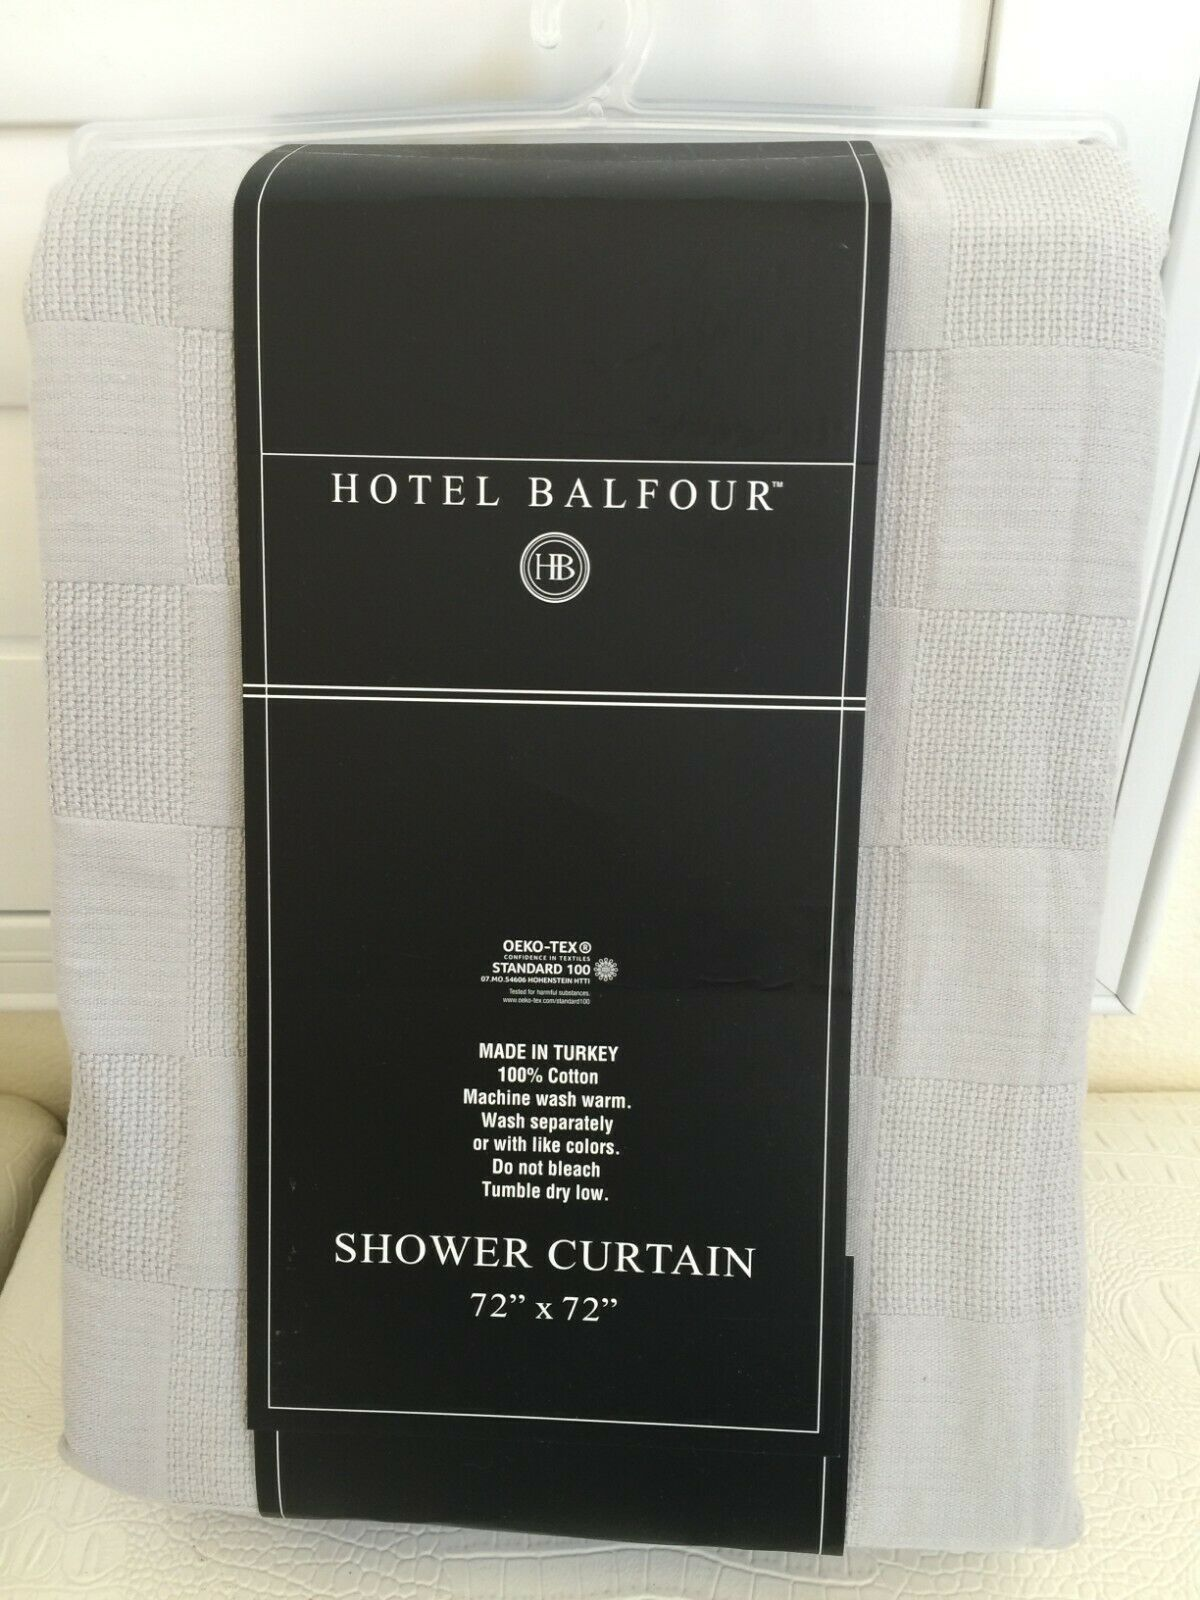 Hotel Balfour Shower Curtain Luxury Turkey 100 Cotton Checker Gray 72x72 New